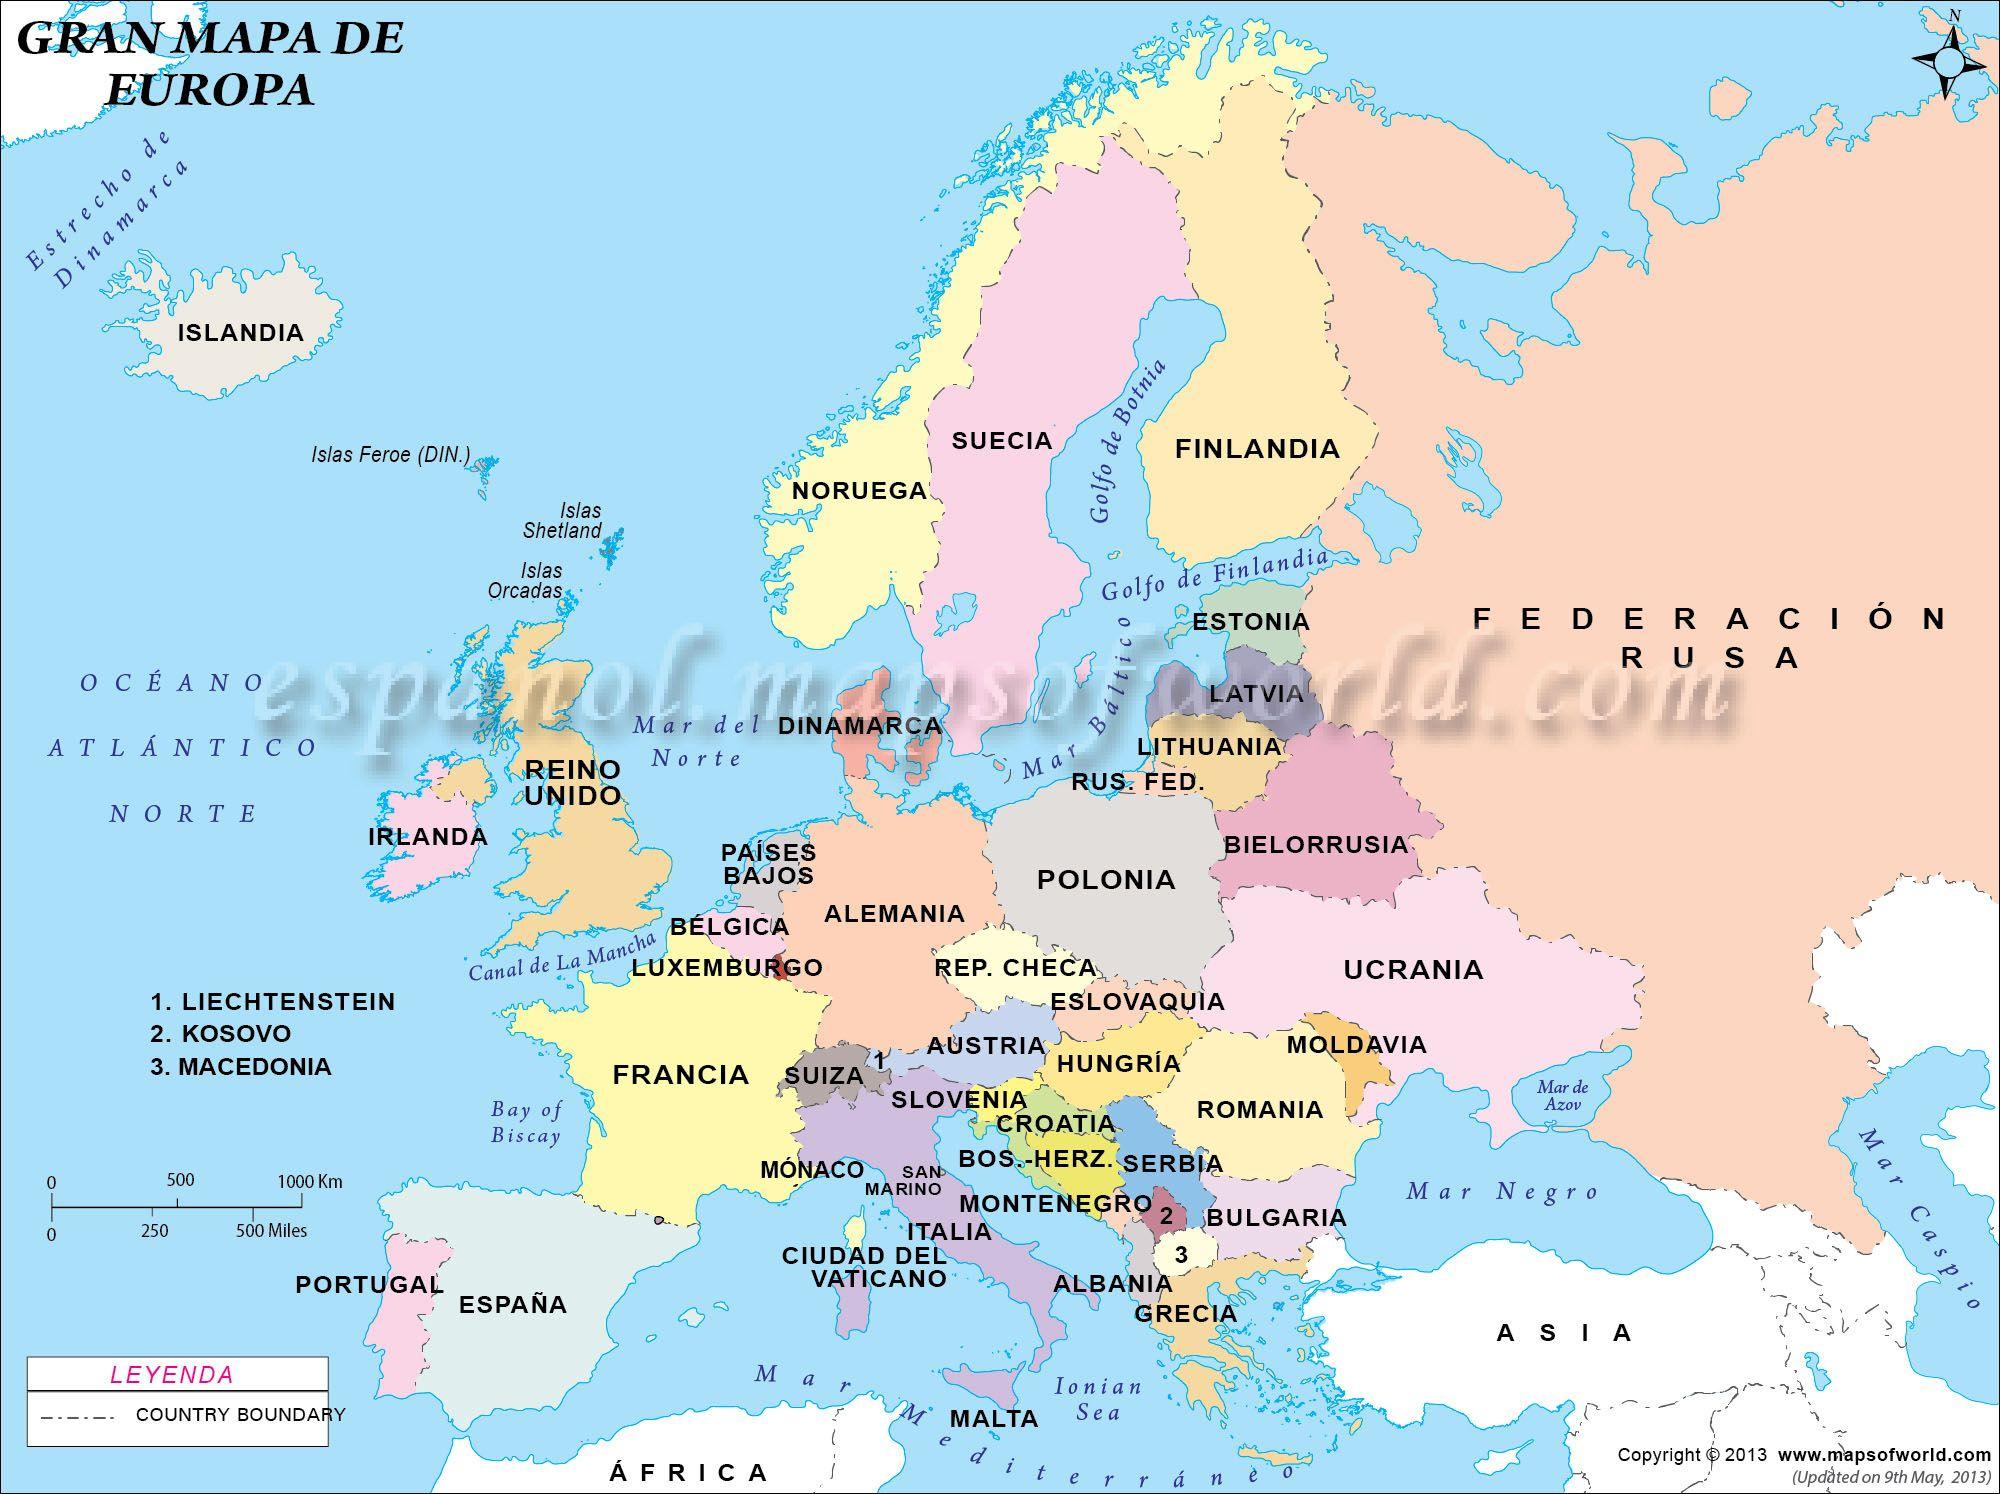 Mapa De Europa Grande Mapa Politico De Europa Mapa De Europa